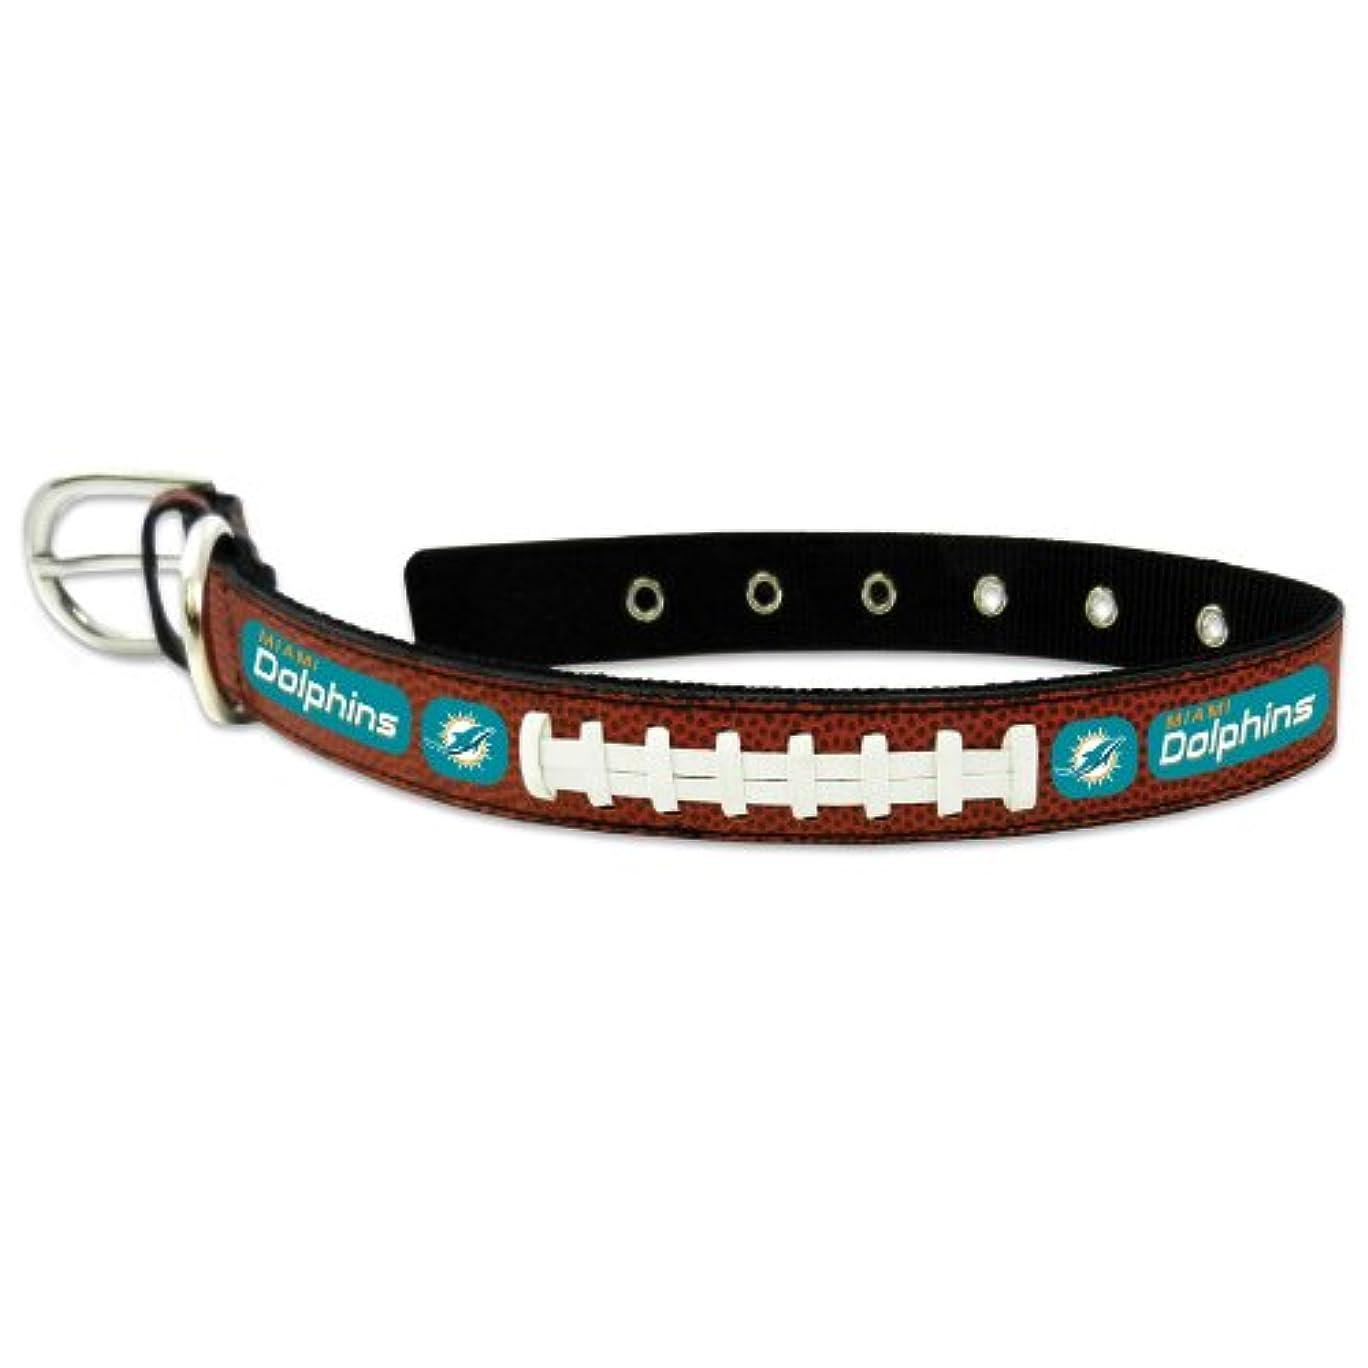 説明する秘書スプレーMiami Dolphins Classic Leather Medium Football Collar